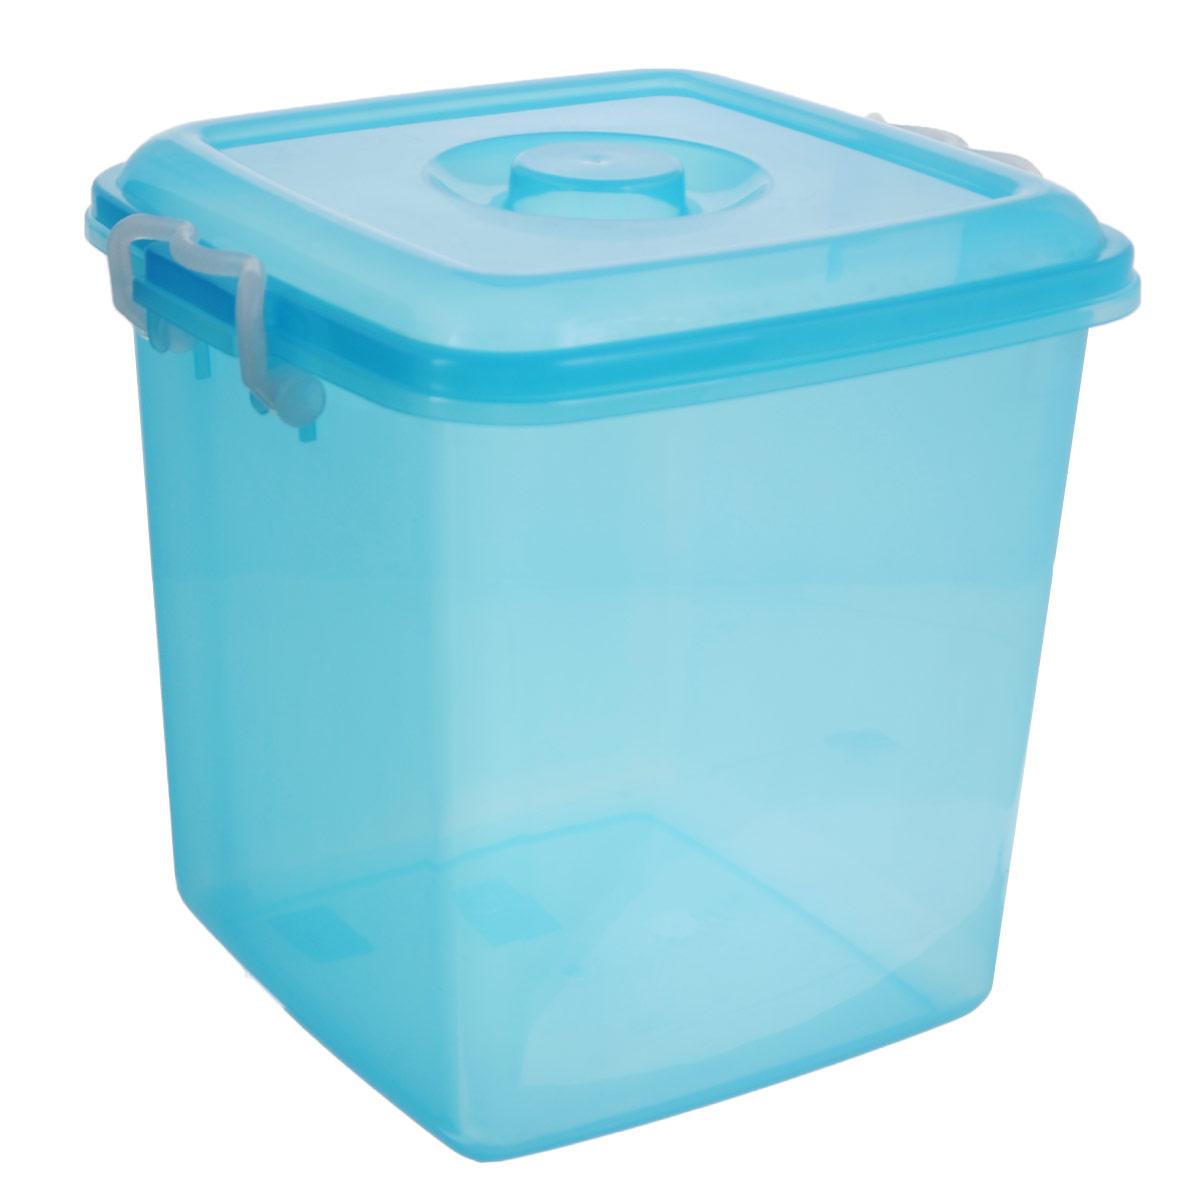 Контейнер для хранения Idea Океаник, цвет: голубой, 20 л41619Контейнер Idea Океаник выполнен из высококачественного полипропилена, предназначен для хранения различных вещей.Контейнер снабжен эргономичной плотно закрывающейся крышкой со специальными боковыми фиксаторами. Объем контейнера: 20 л.